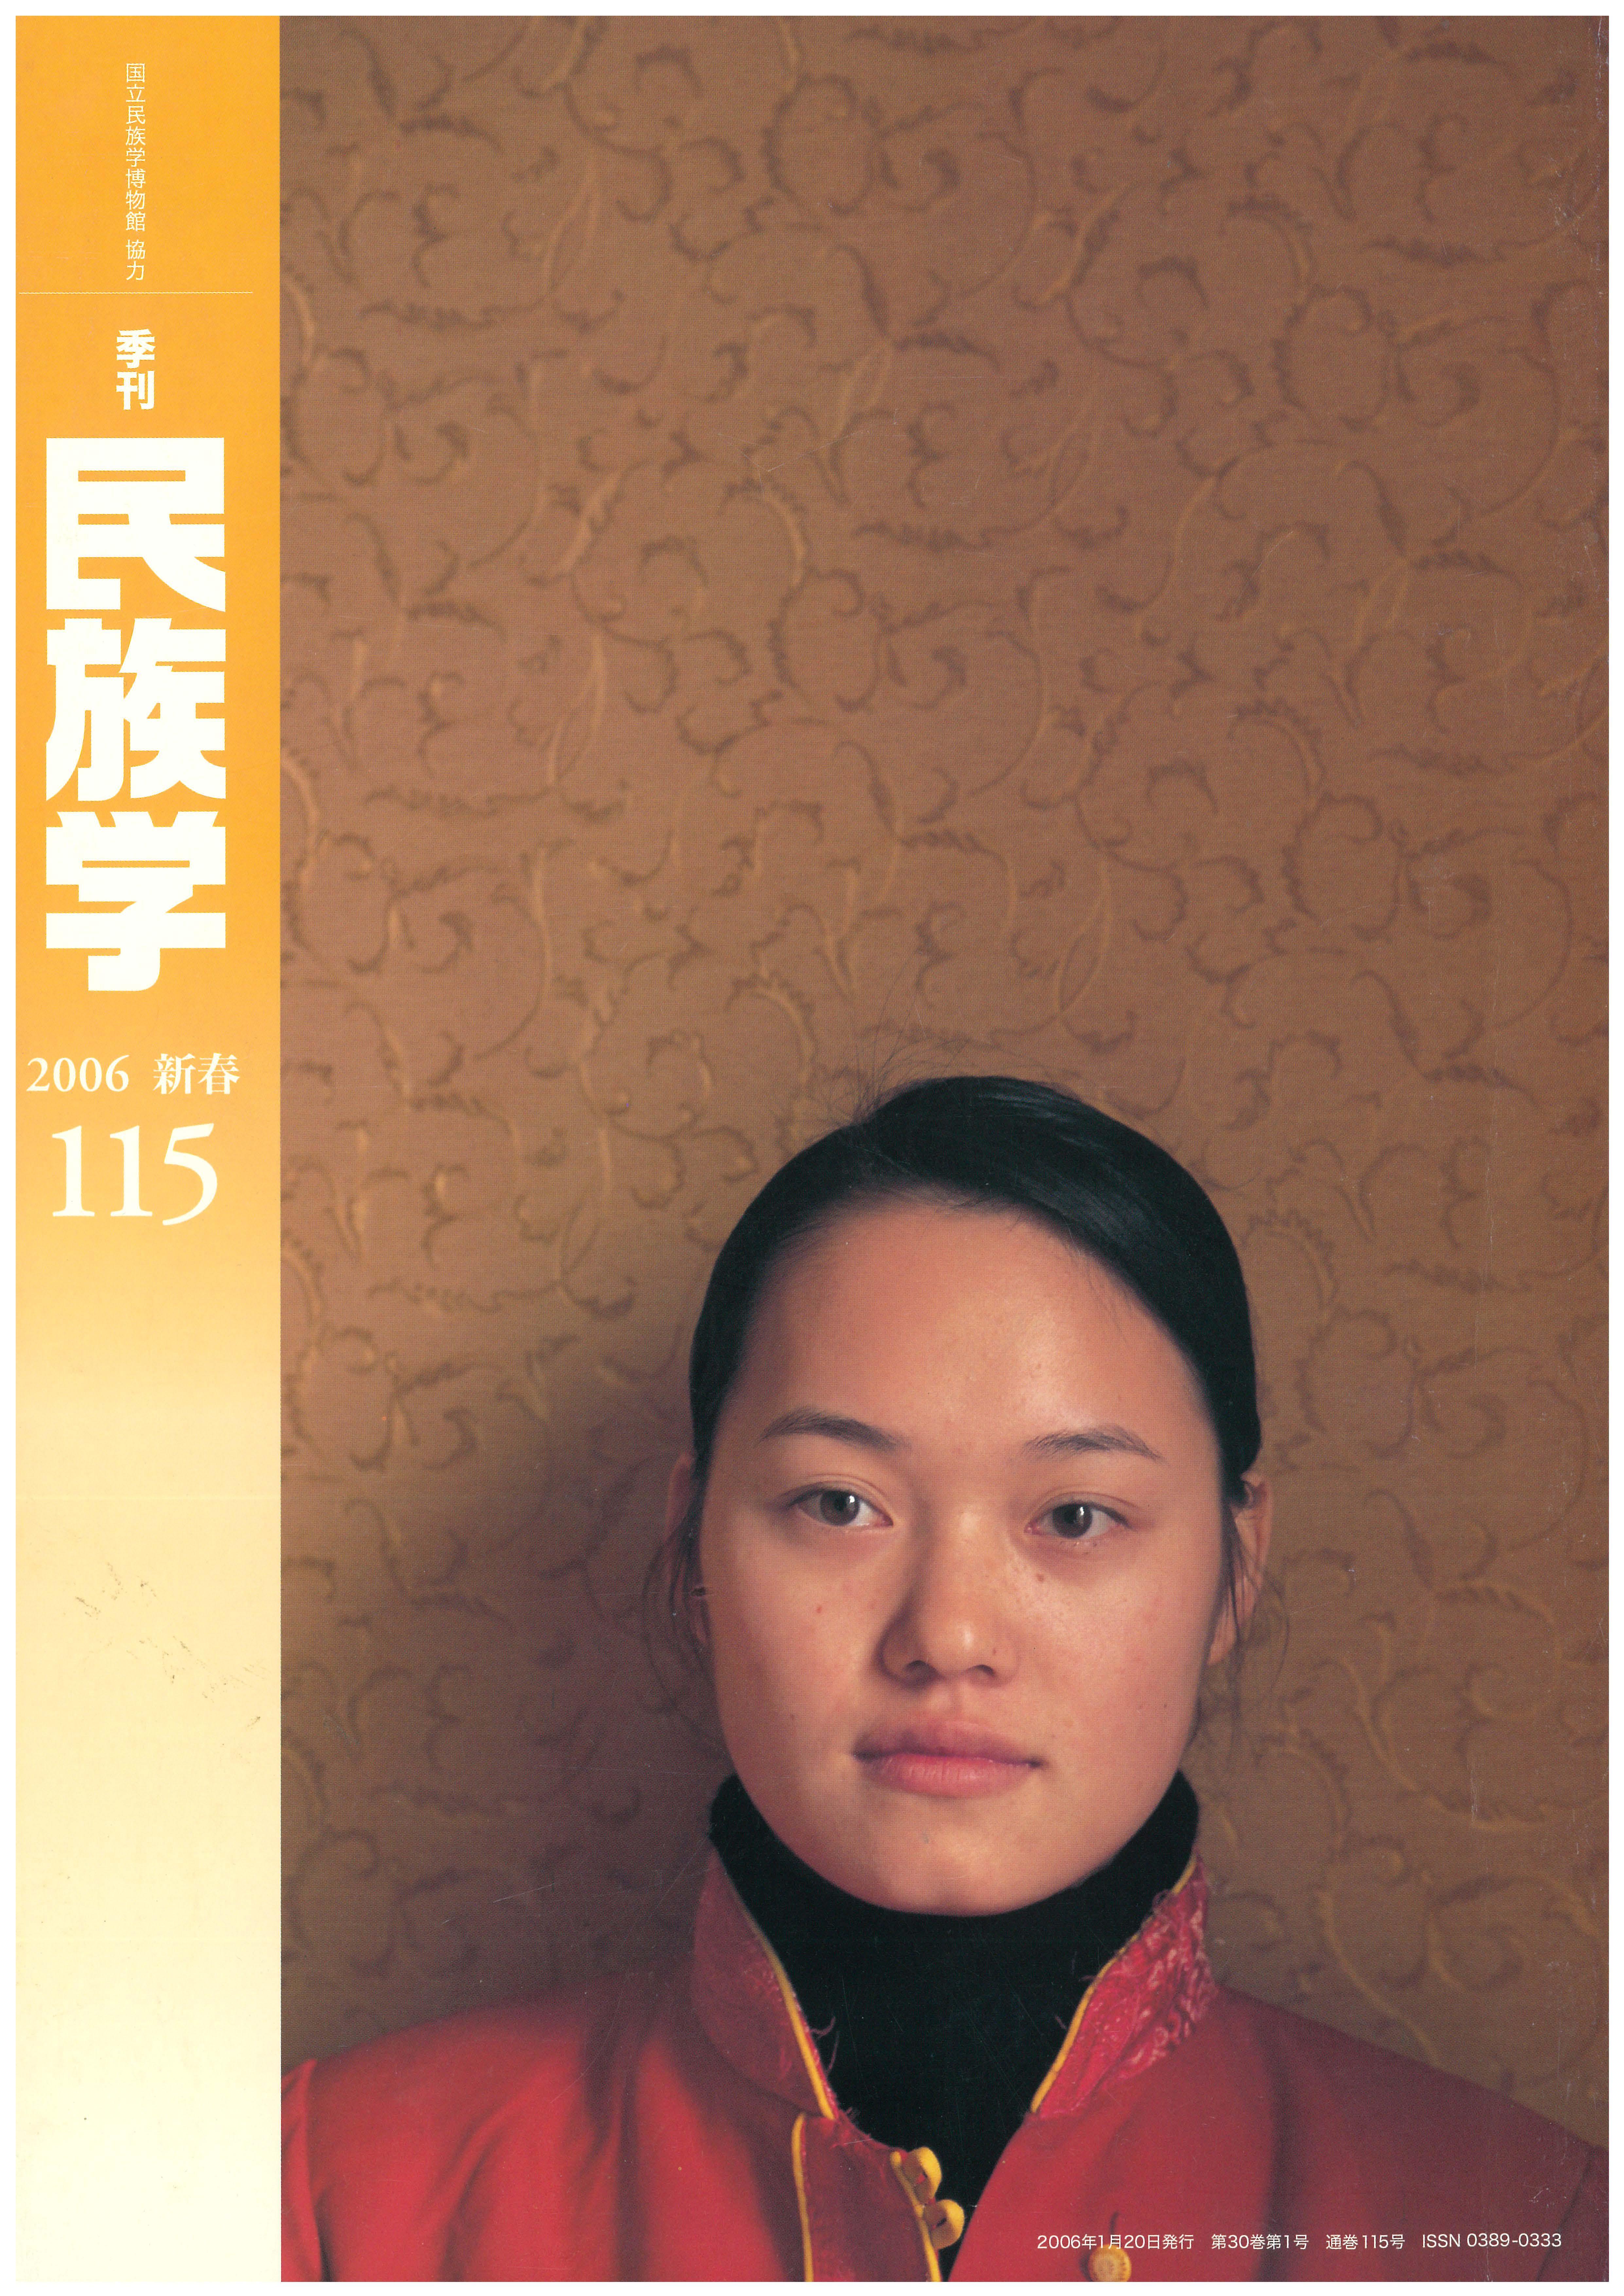 115号 2006年 新春